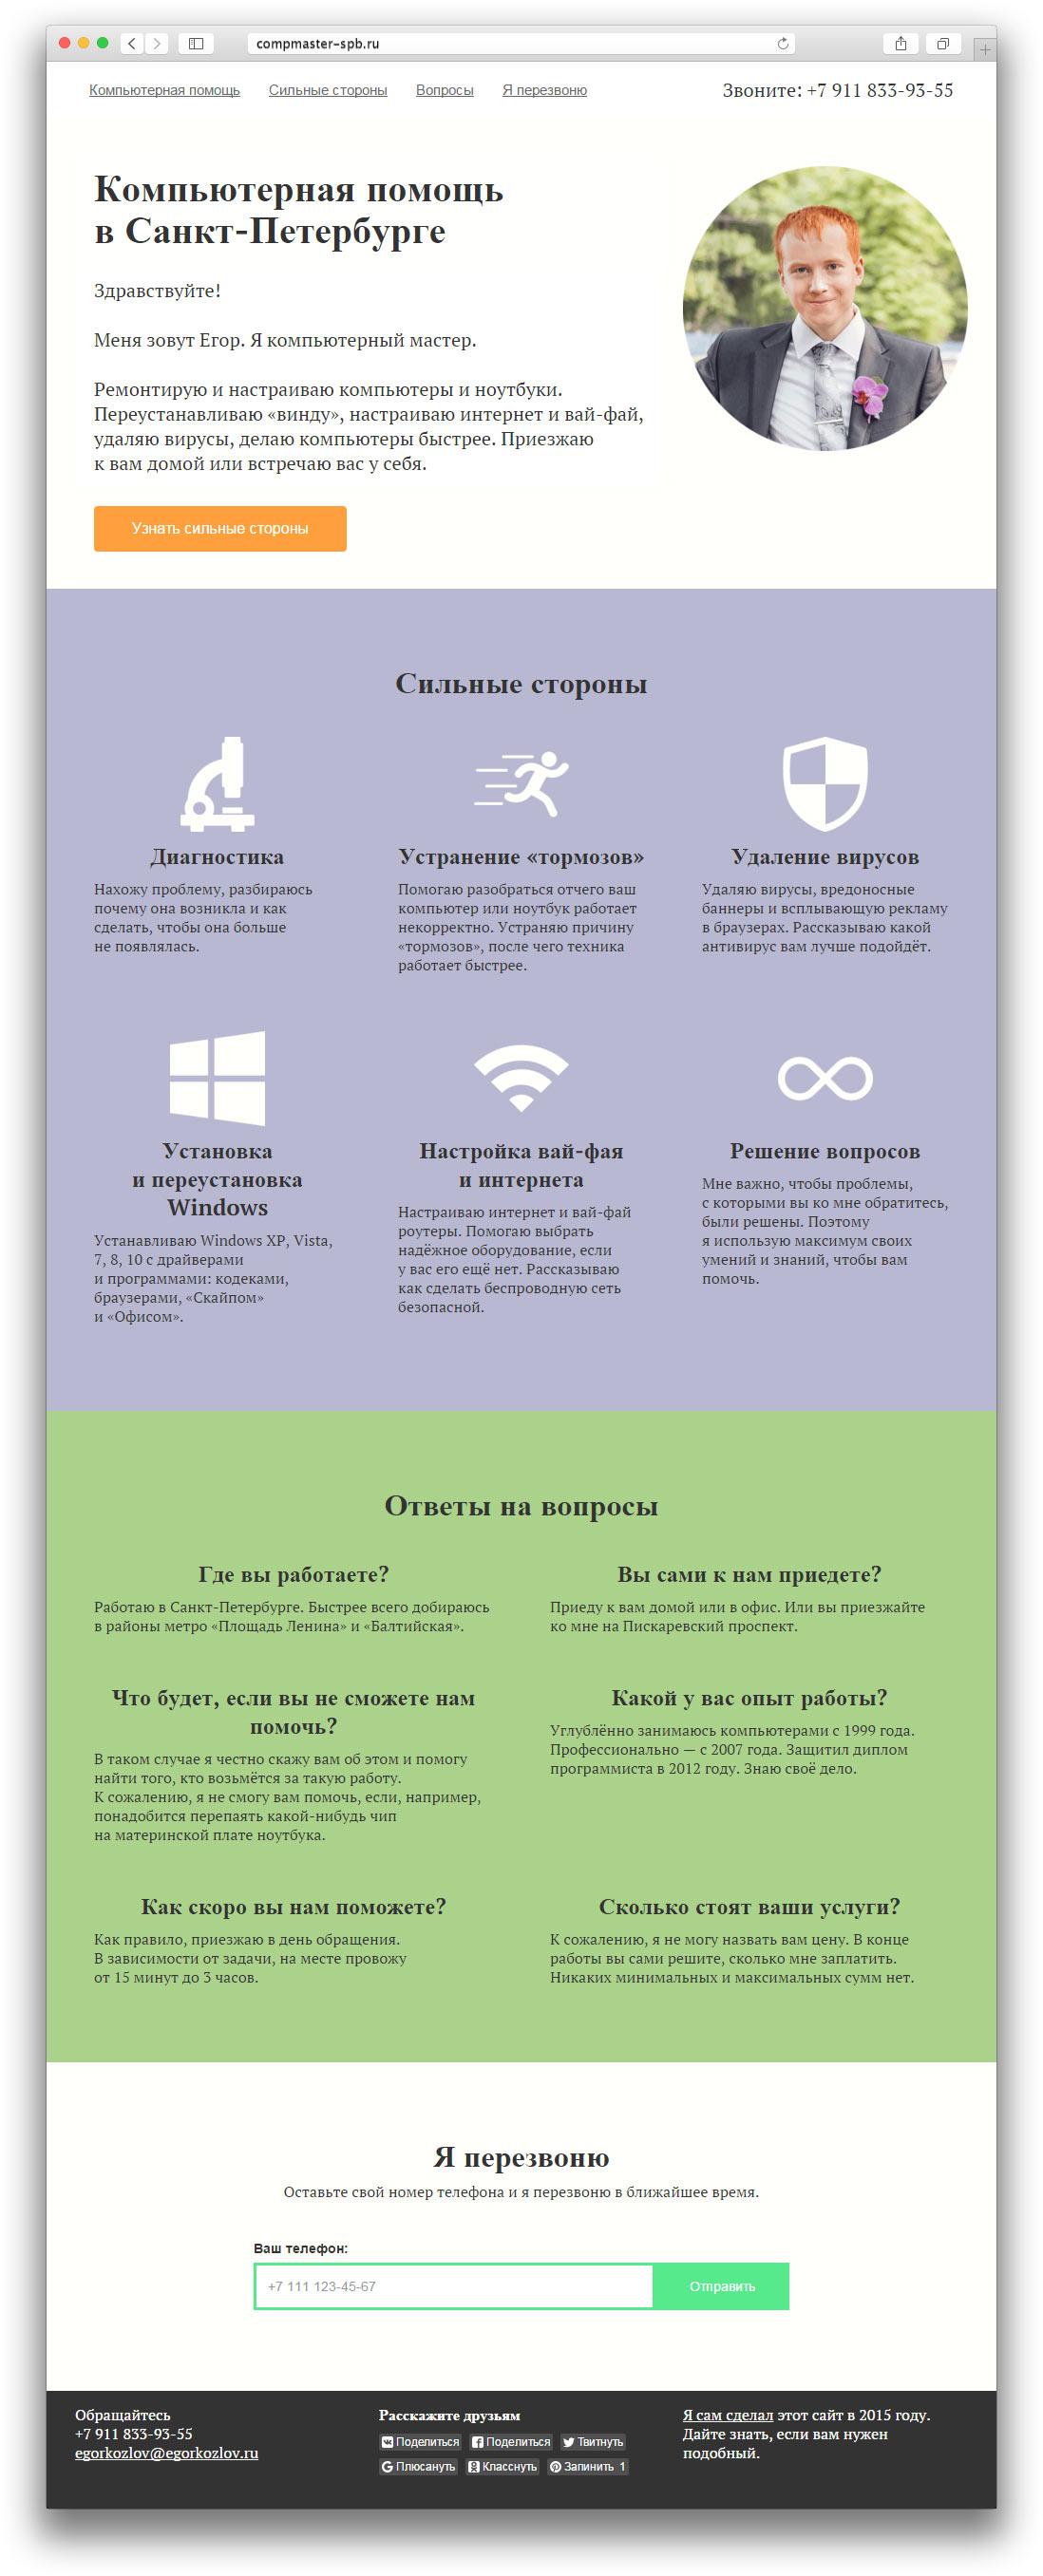 Компьютерная помощь в Санкт-Петербурге